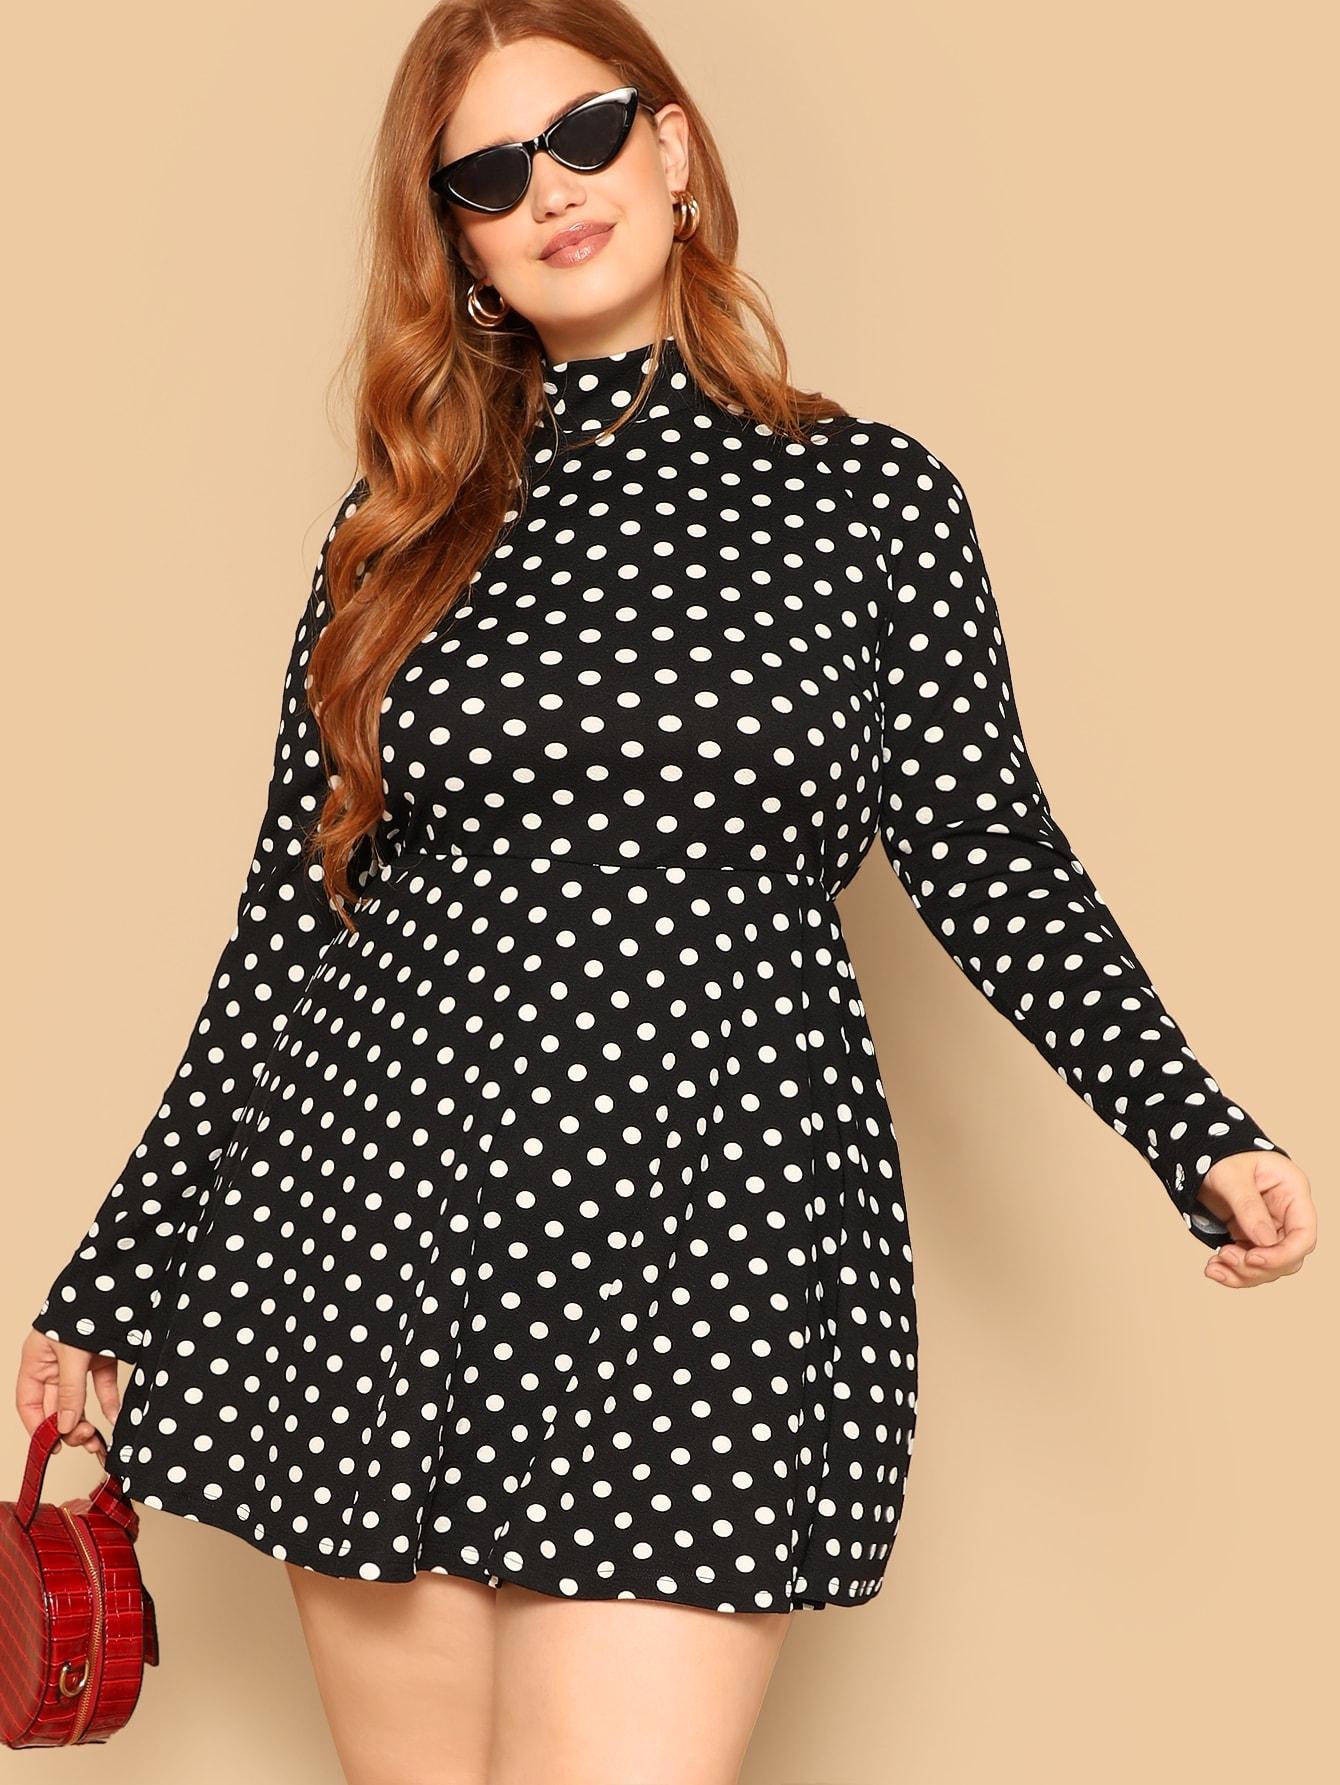 Купить Расклешенное платье в горошек с вырезом под горло размера плюс, Bree Kish, SheIn